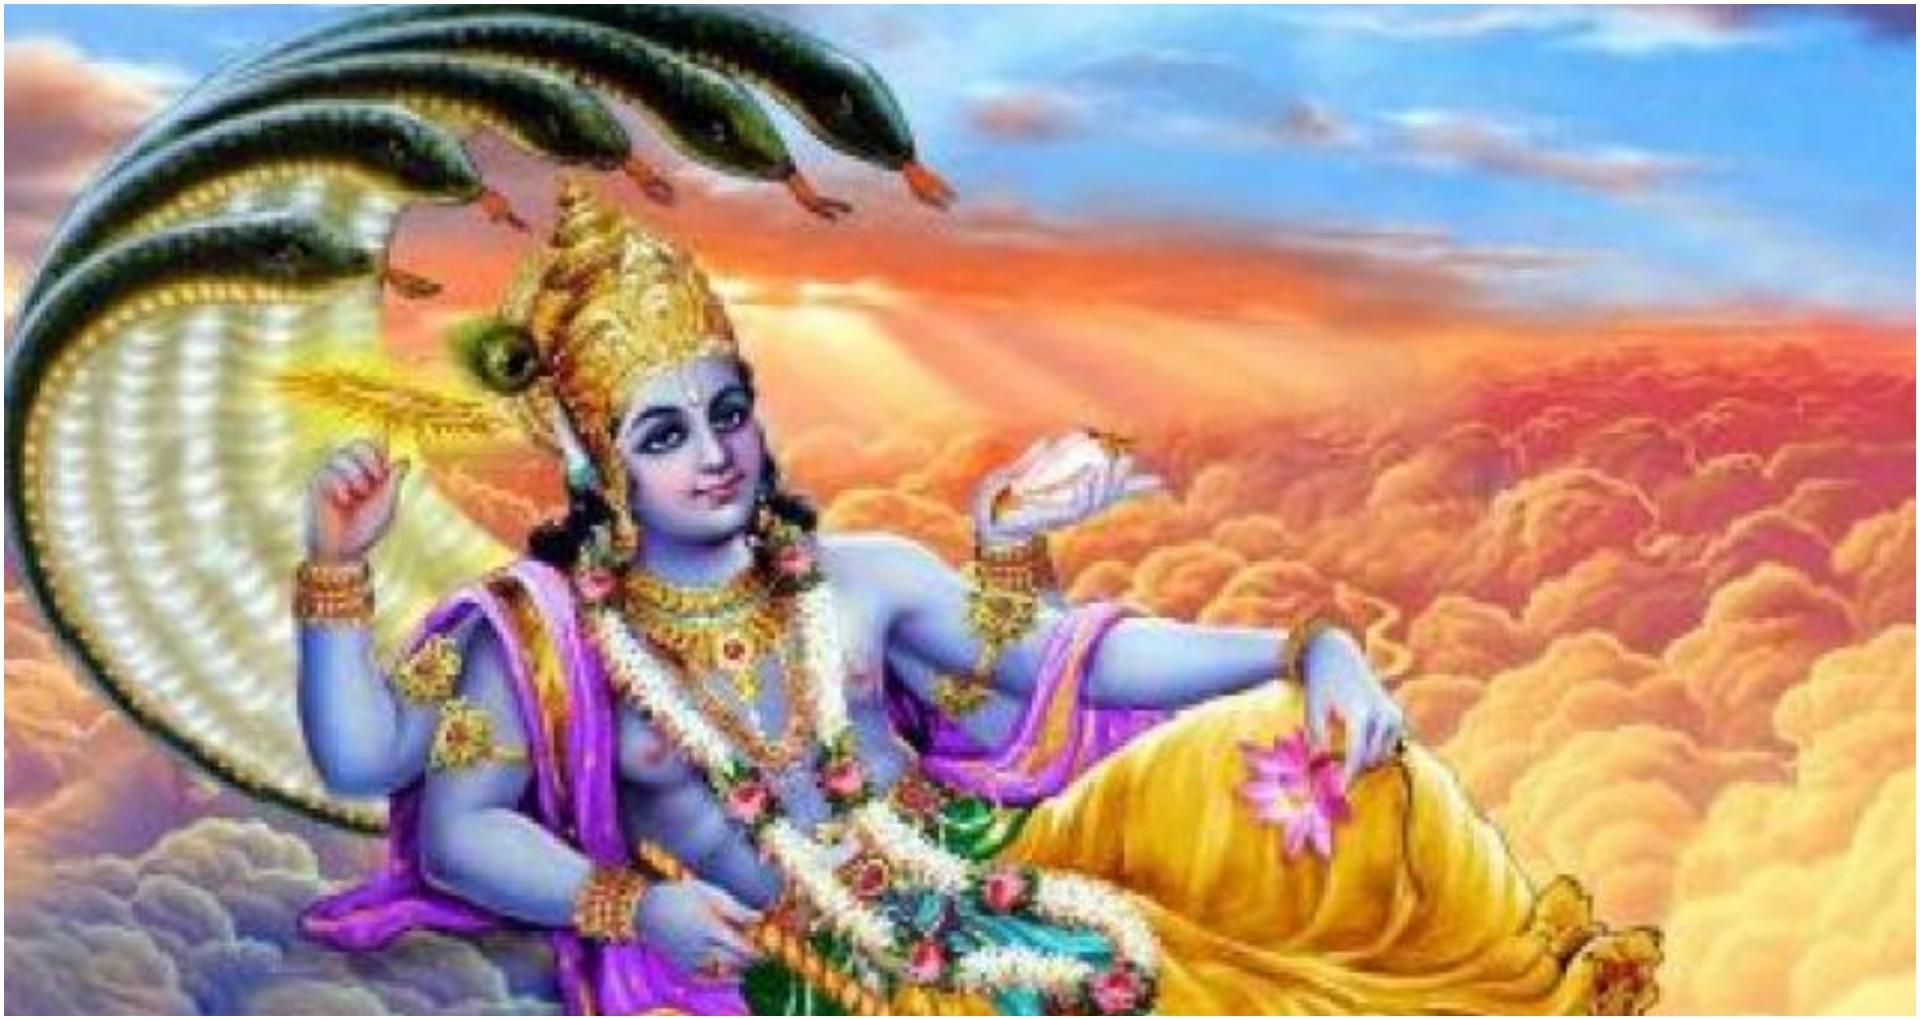 Magh Purnima 2020: आज है माघ पूर्णिमा? जानें इसका महत्व और इस शुभ मुहूर्त पर करें पूजा